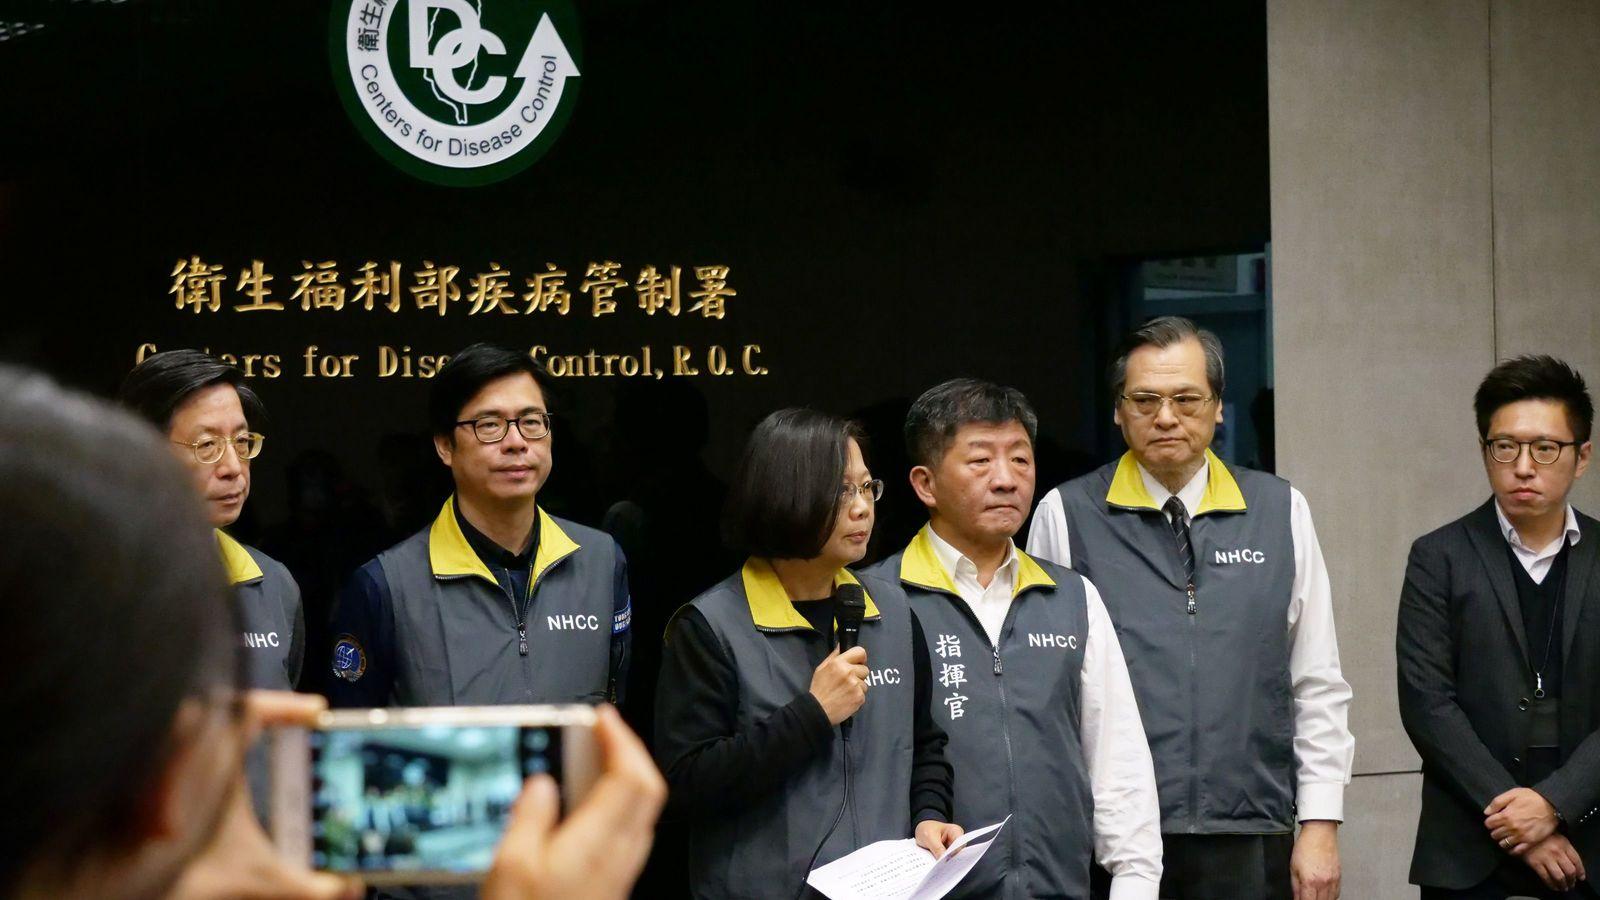 「日本とは大違い」台湾の新型コロナ対応が爆速である理由 中国との人的往来が多いのに